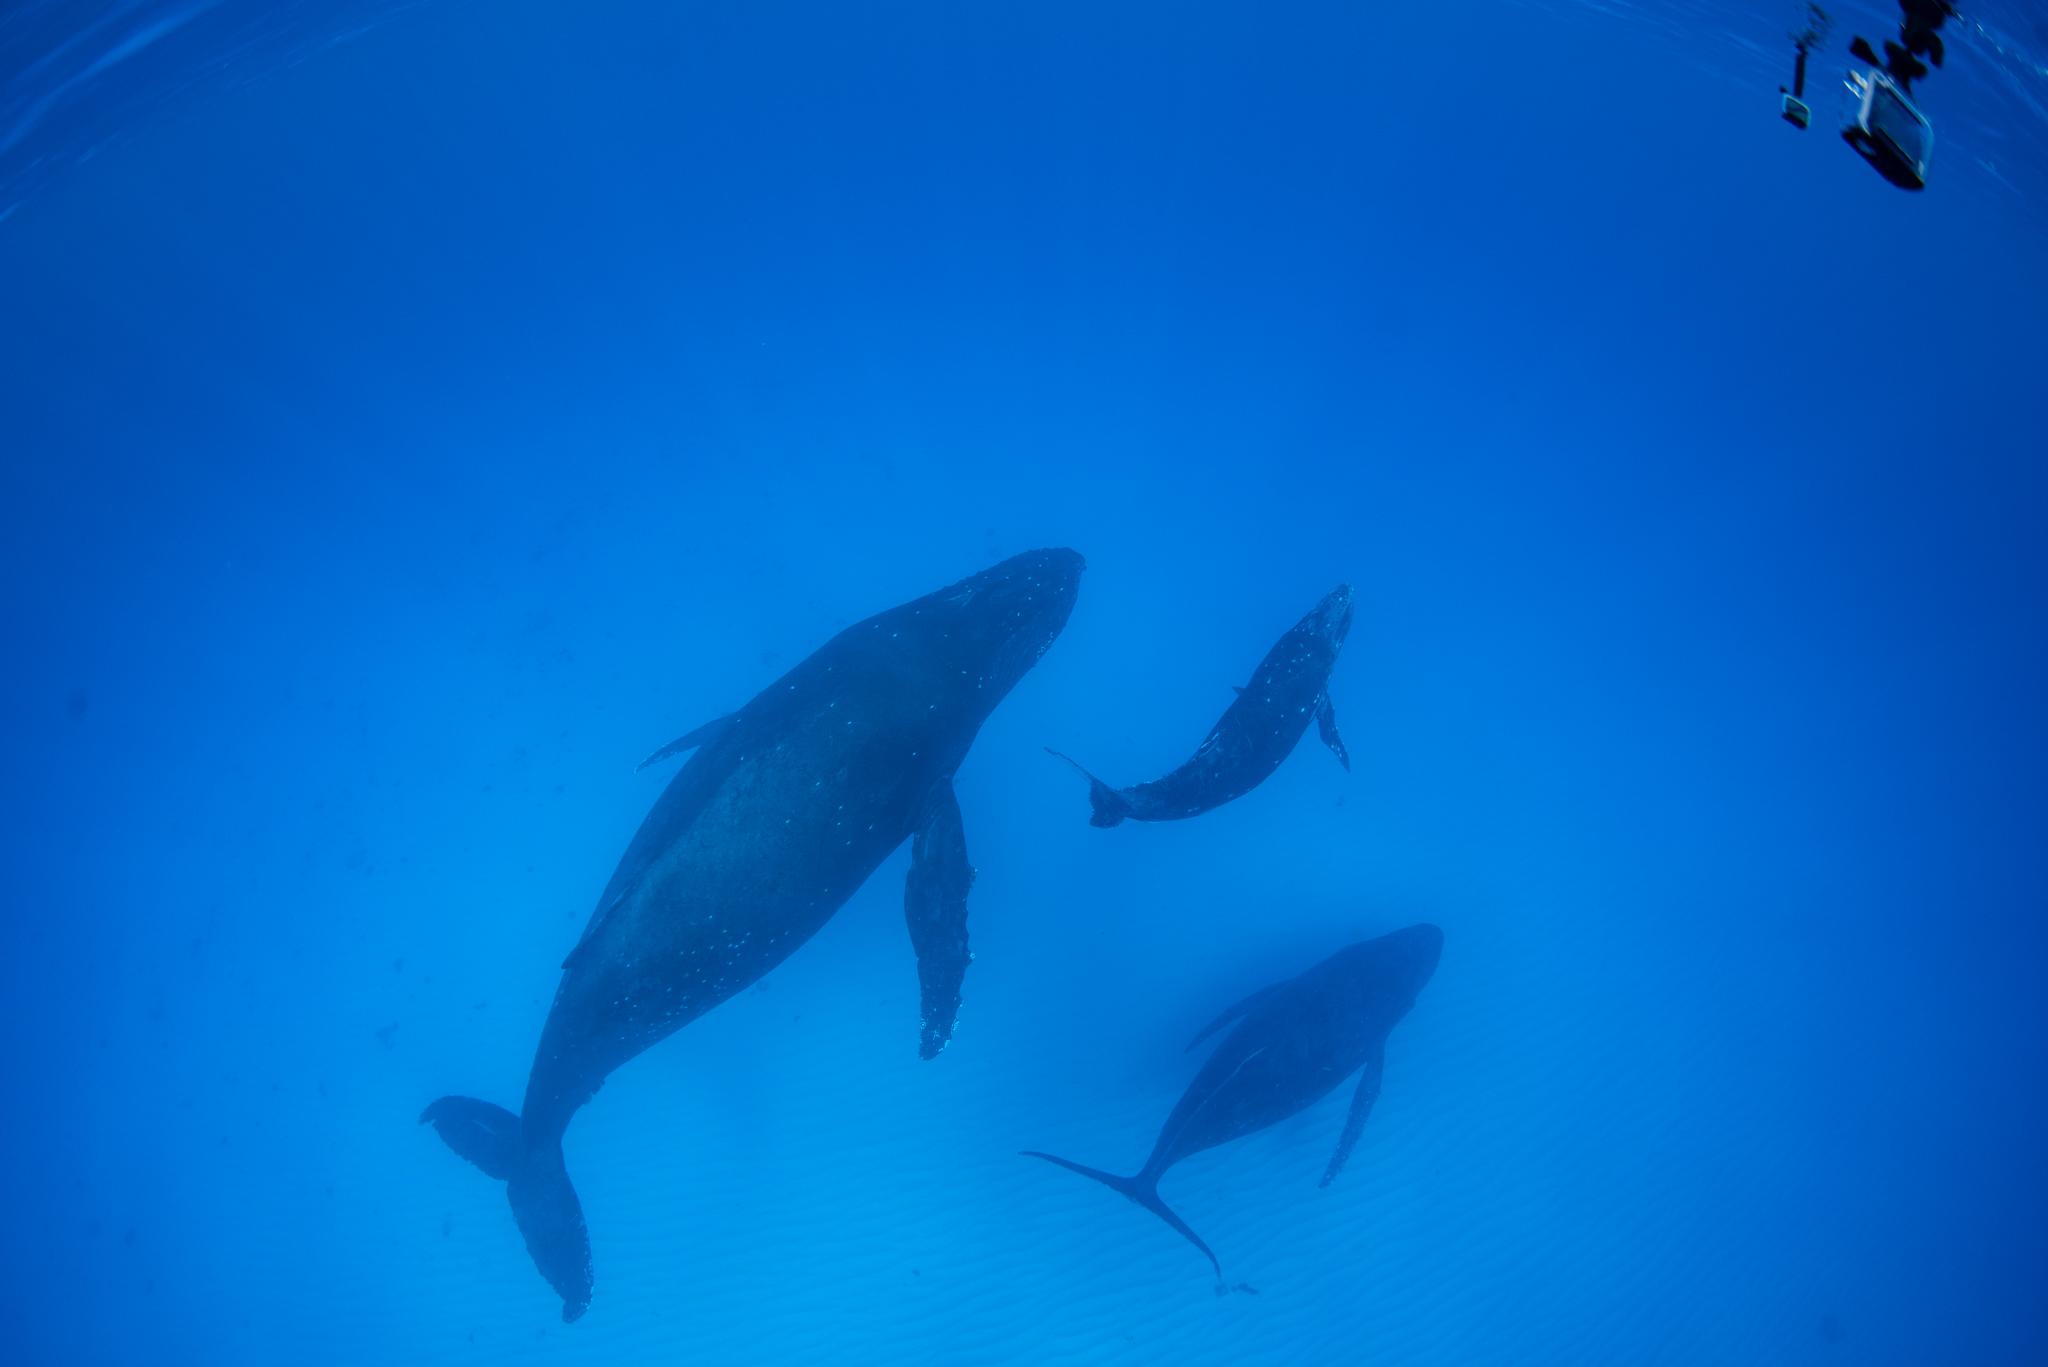 船になついちゃうクジラちゃん。